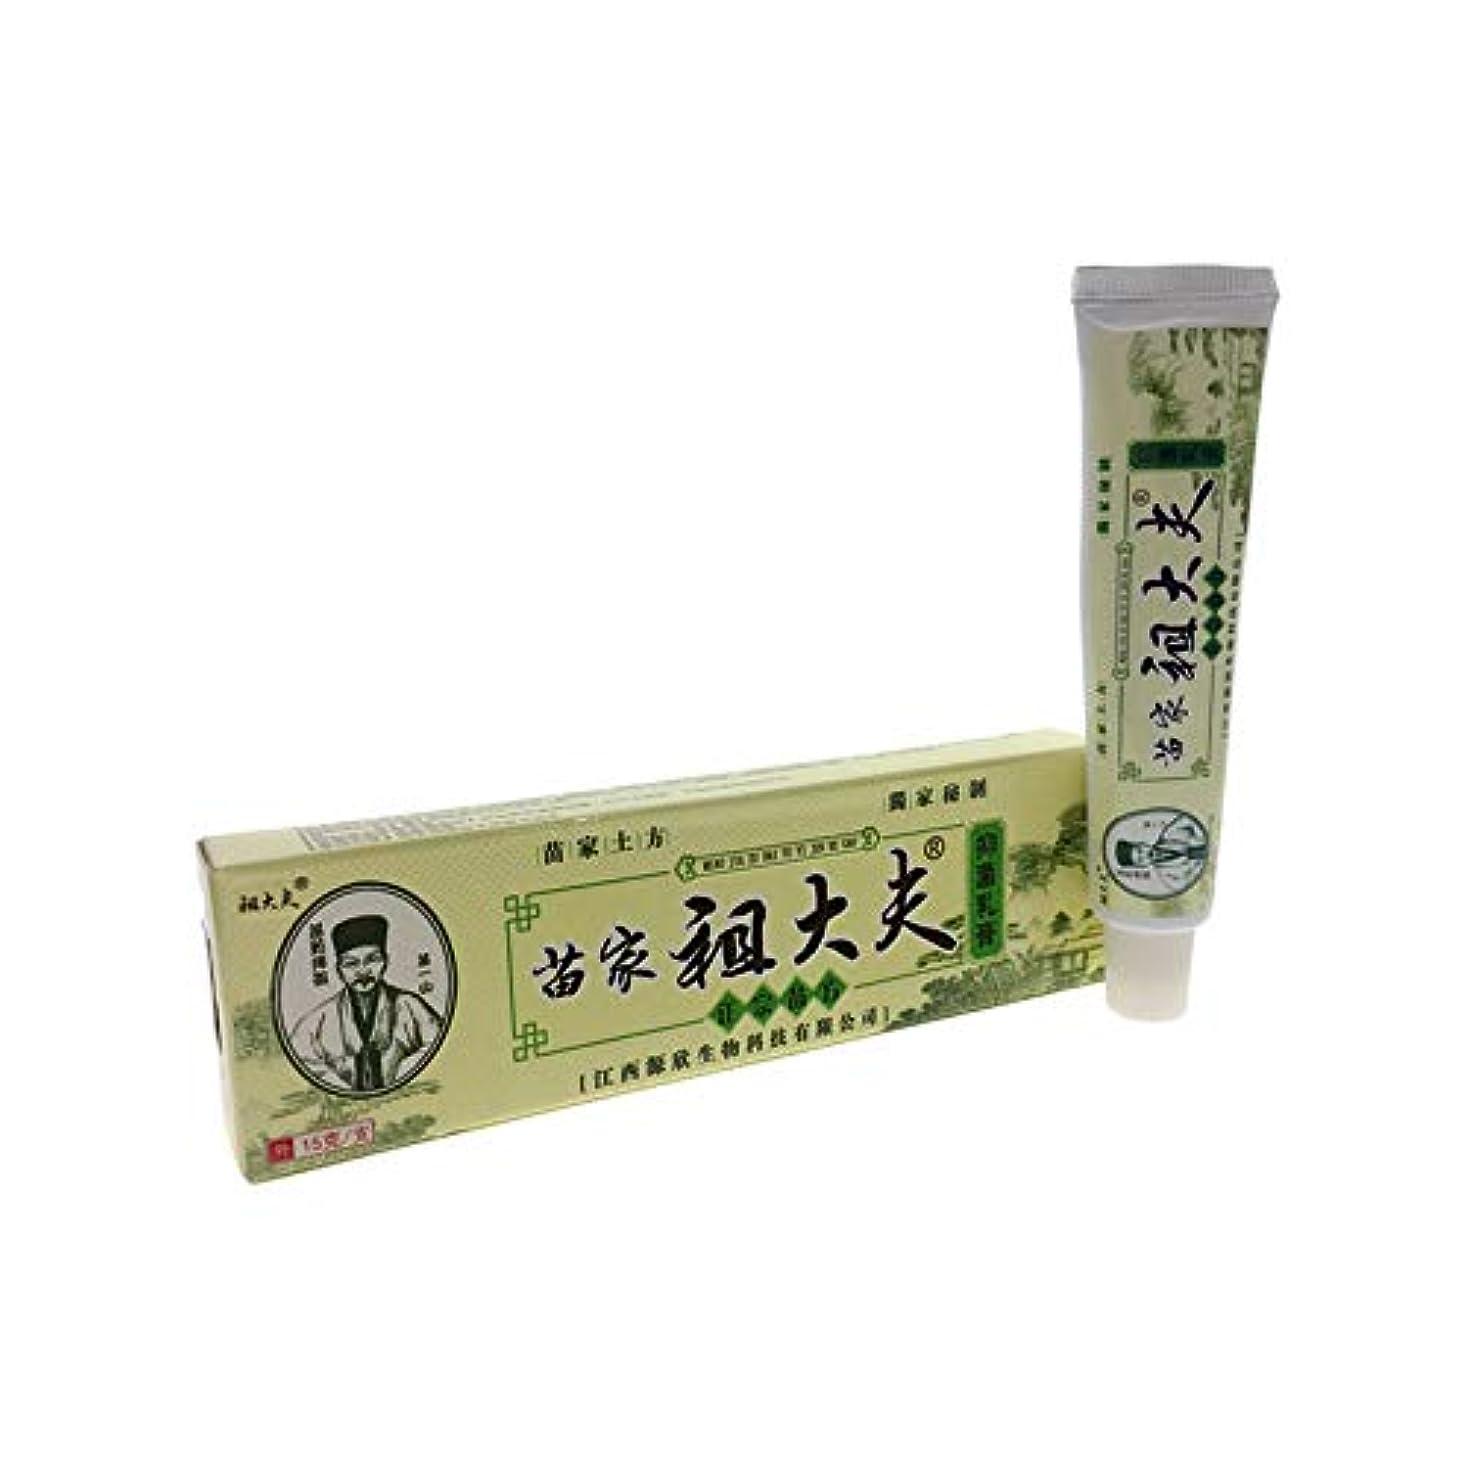 経済的日記到着RaiFu ハーブ 乾癬湿疹 軟膏 スキン ラッシュ クリーム